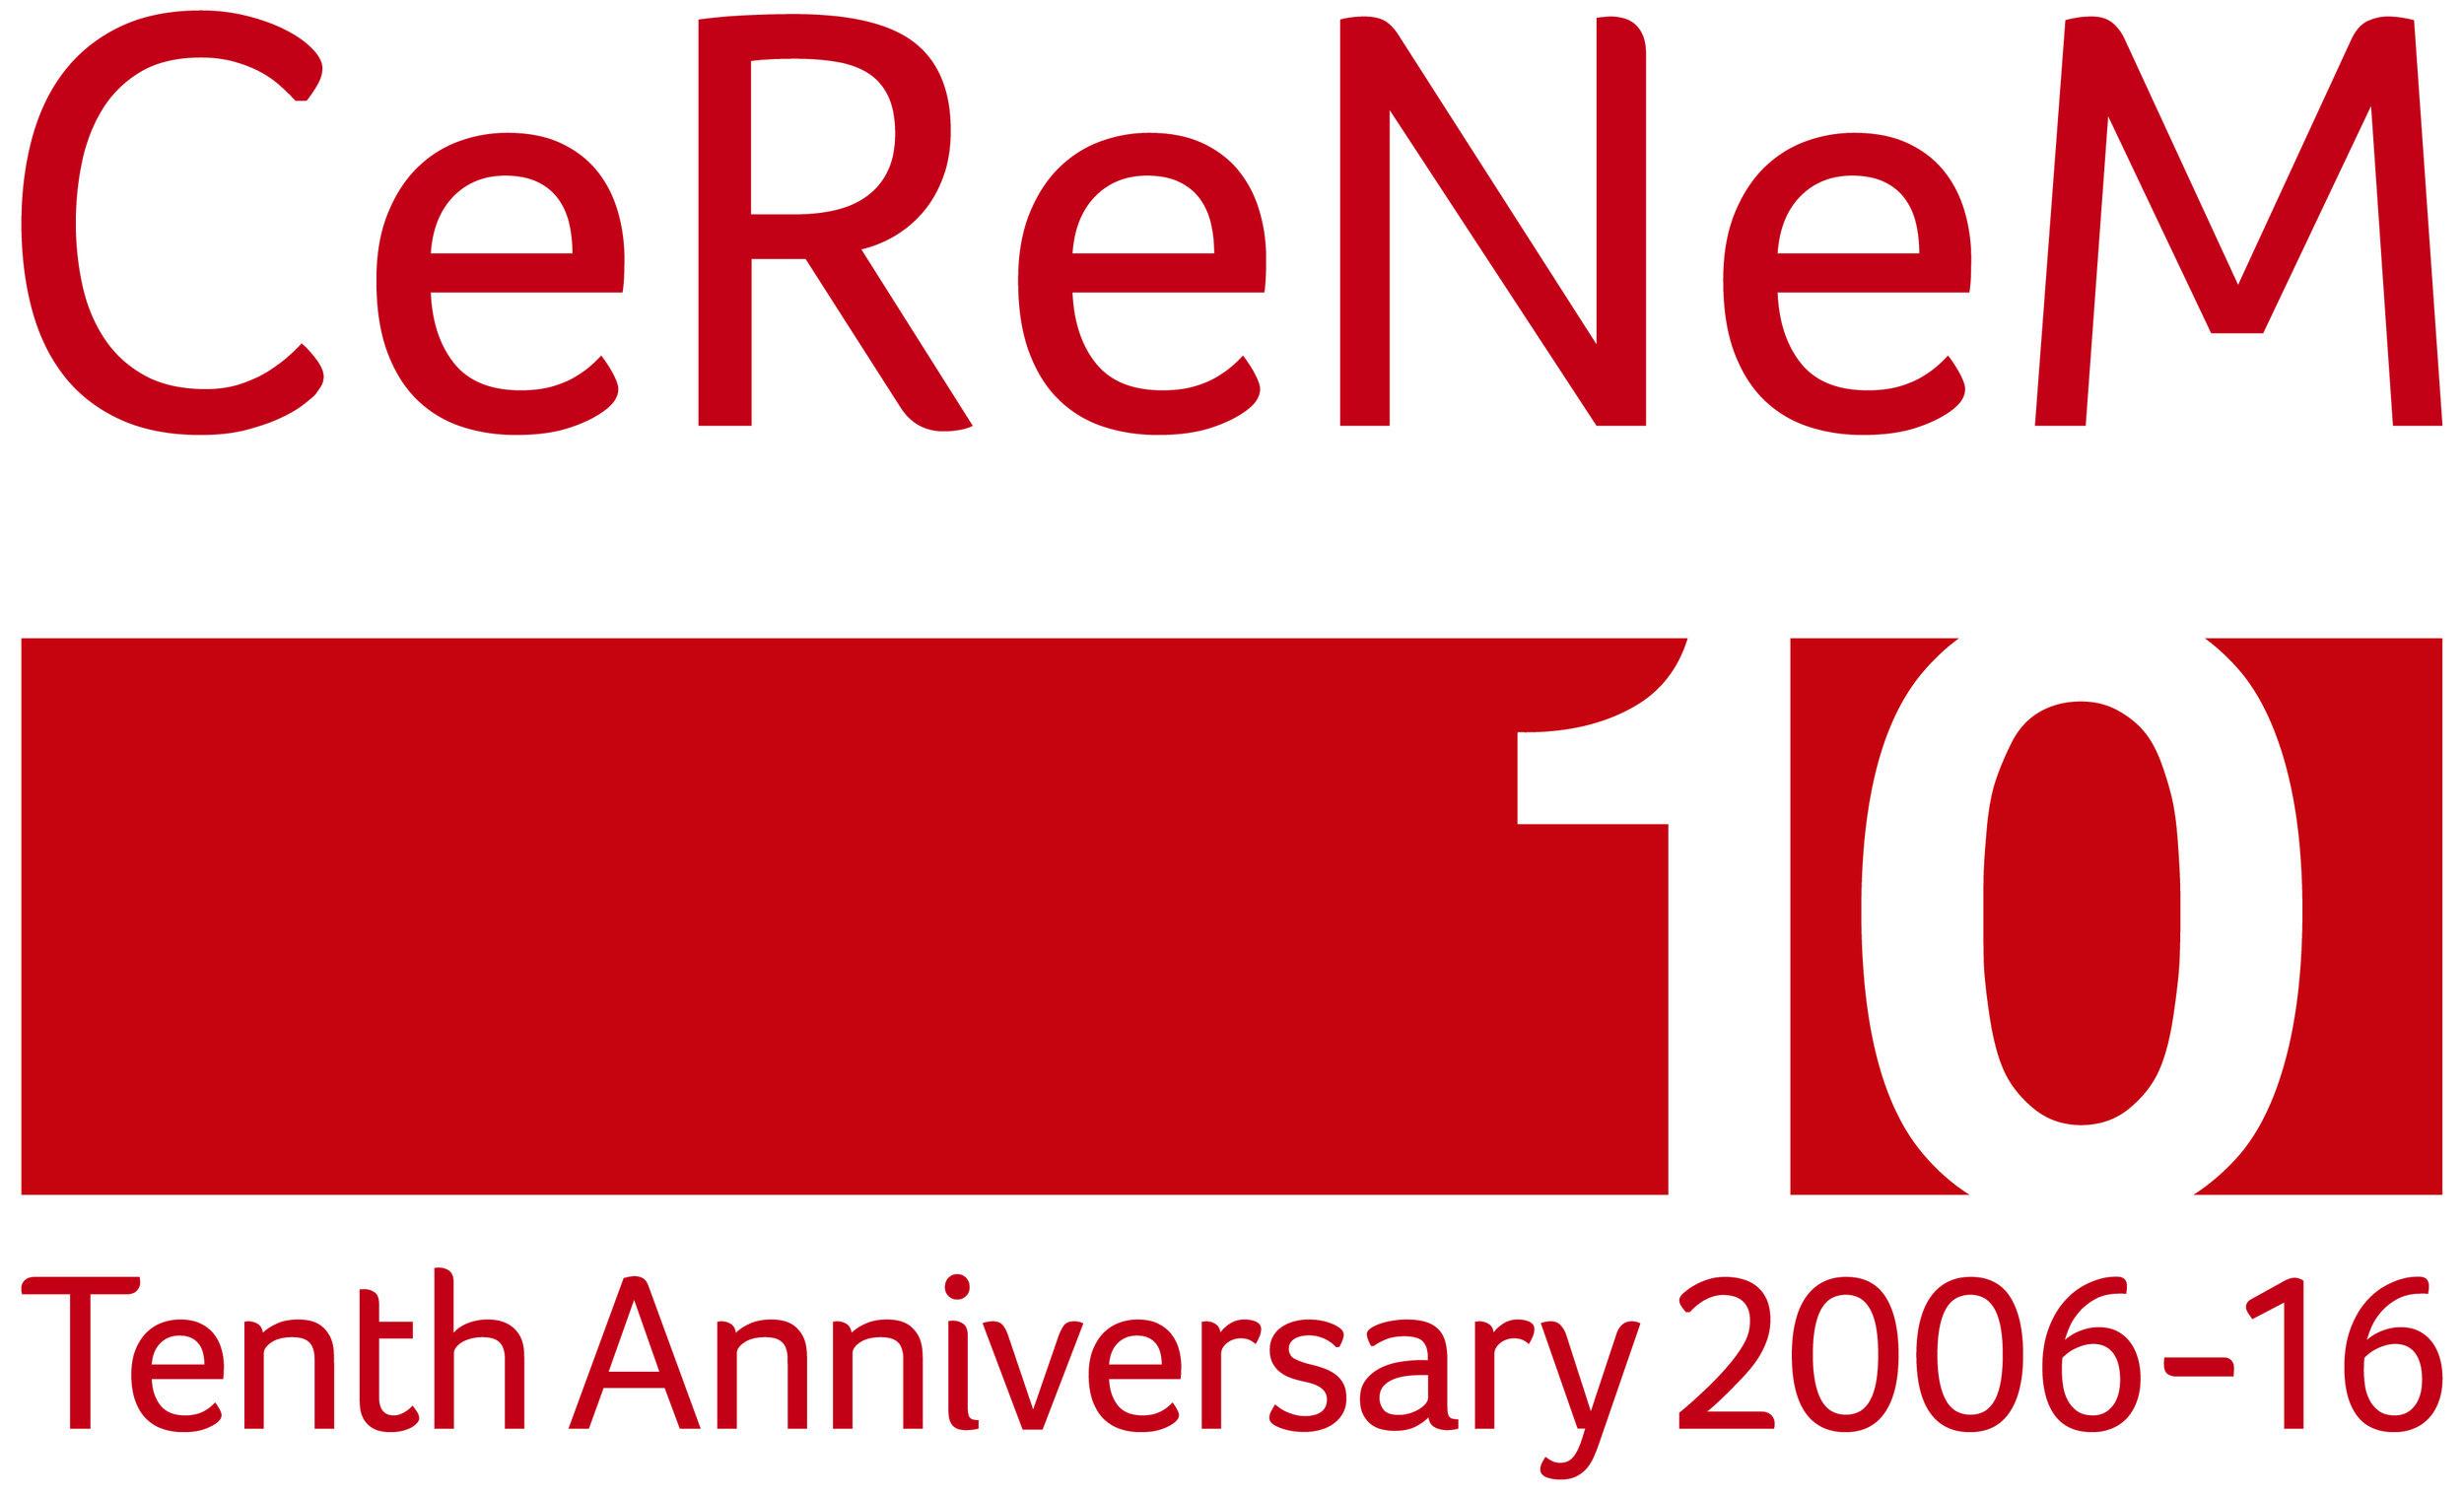 CeReNeM 10th Anniversary Logo JPG.jpg